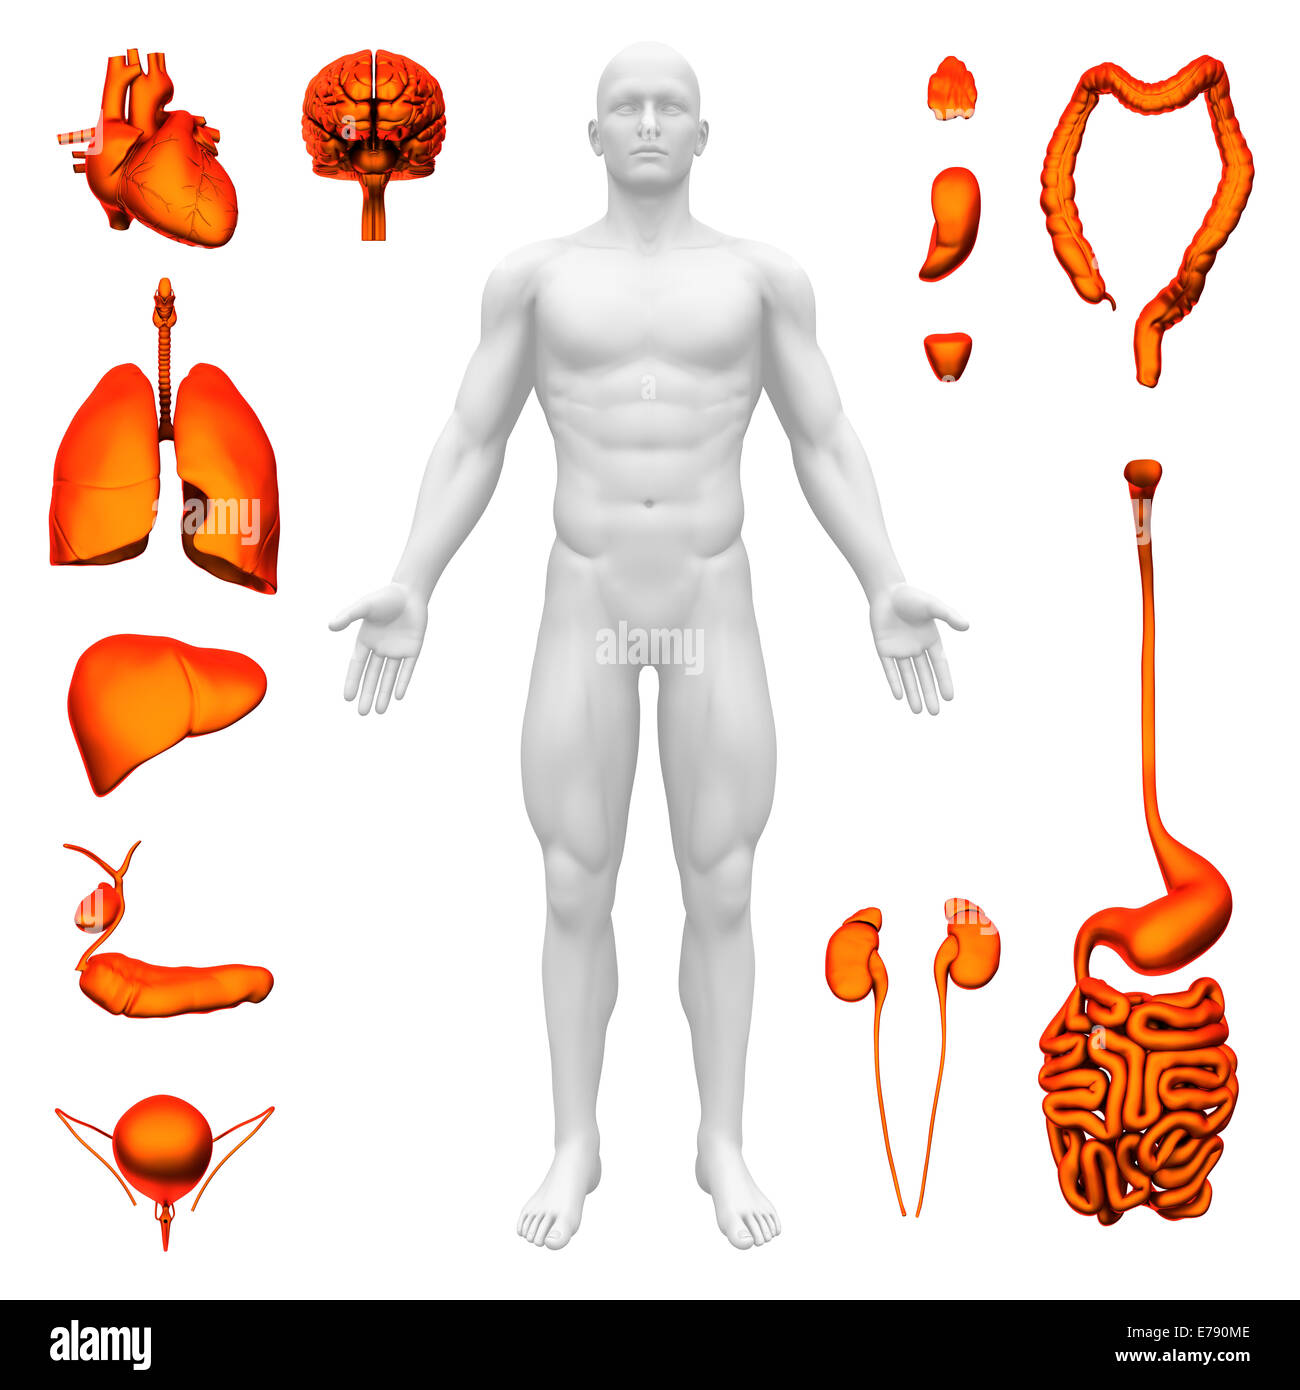 Innere Organe - Anatomie des Menschen Stockfoto, Bild: 73342206 - Alamy